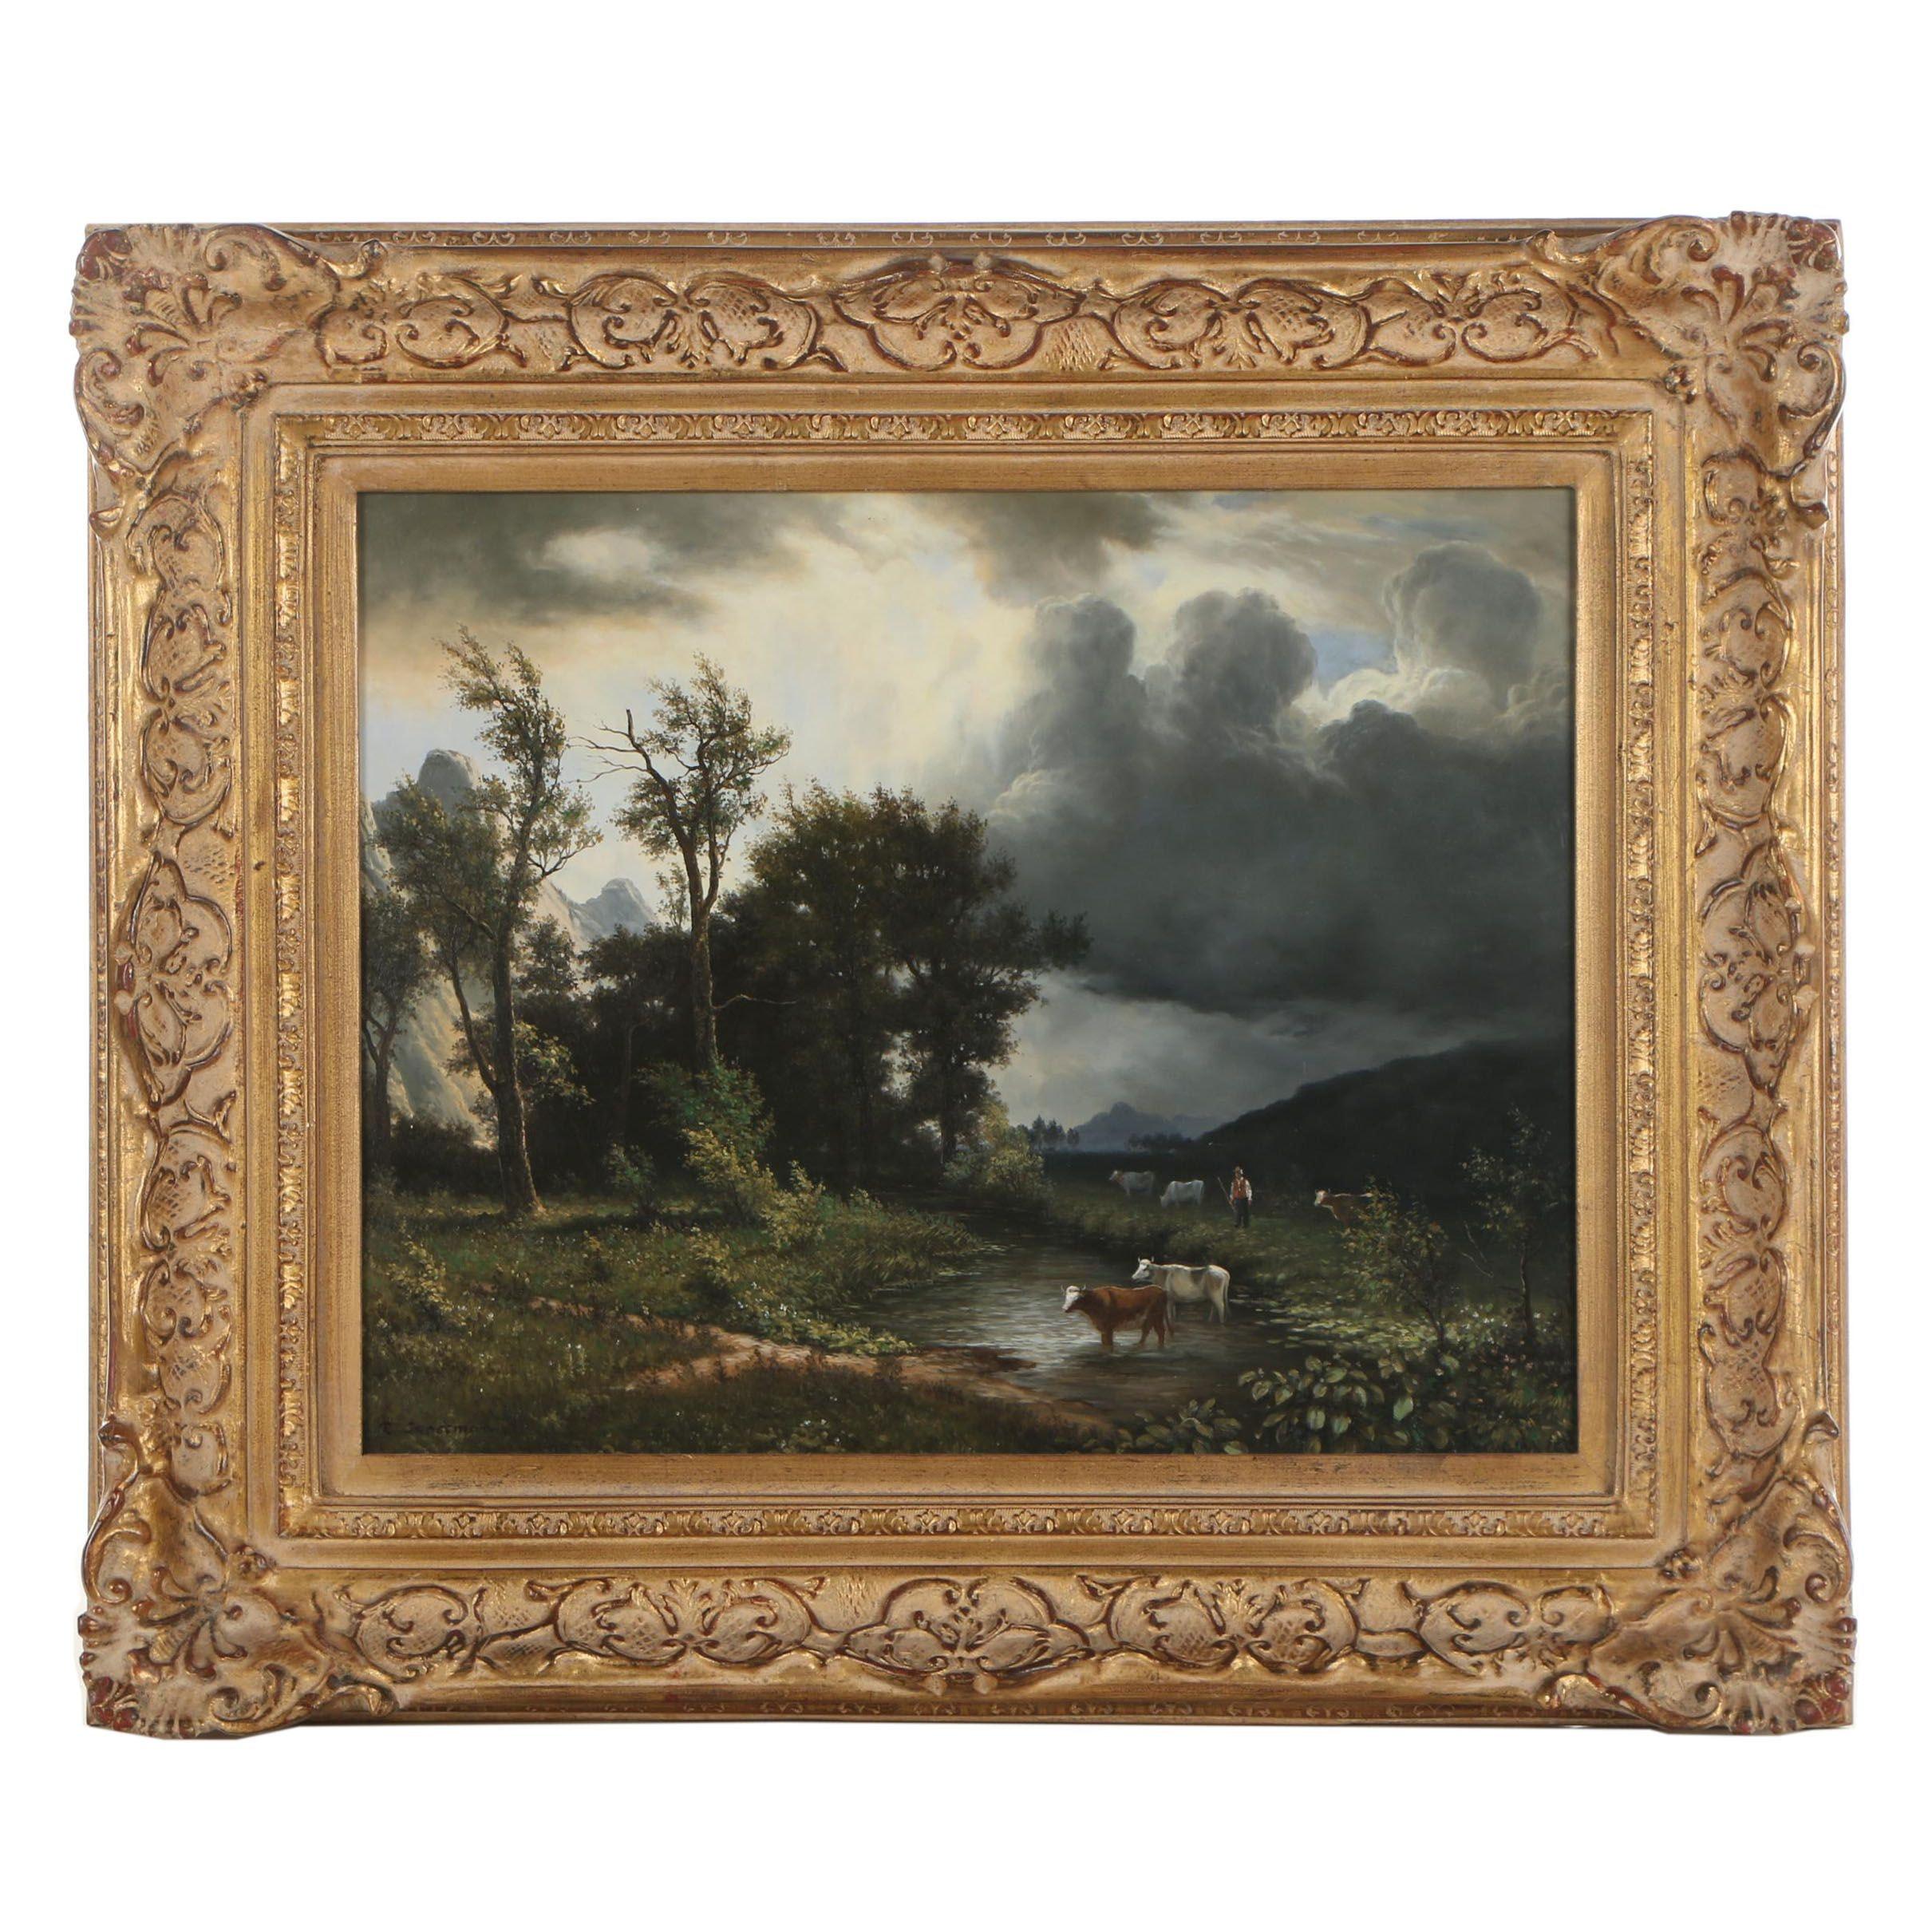 R. Grossman Landscape Oil Painting